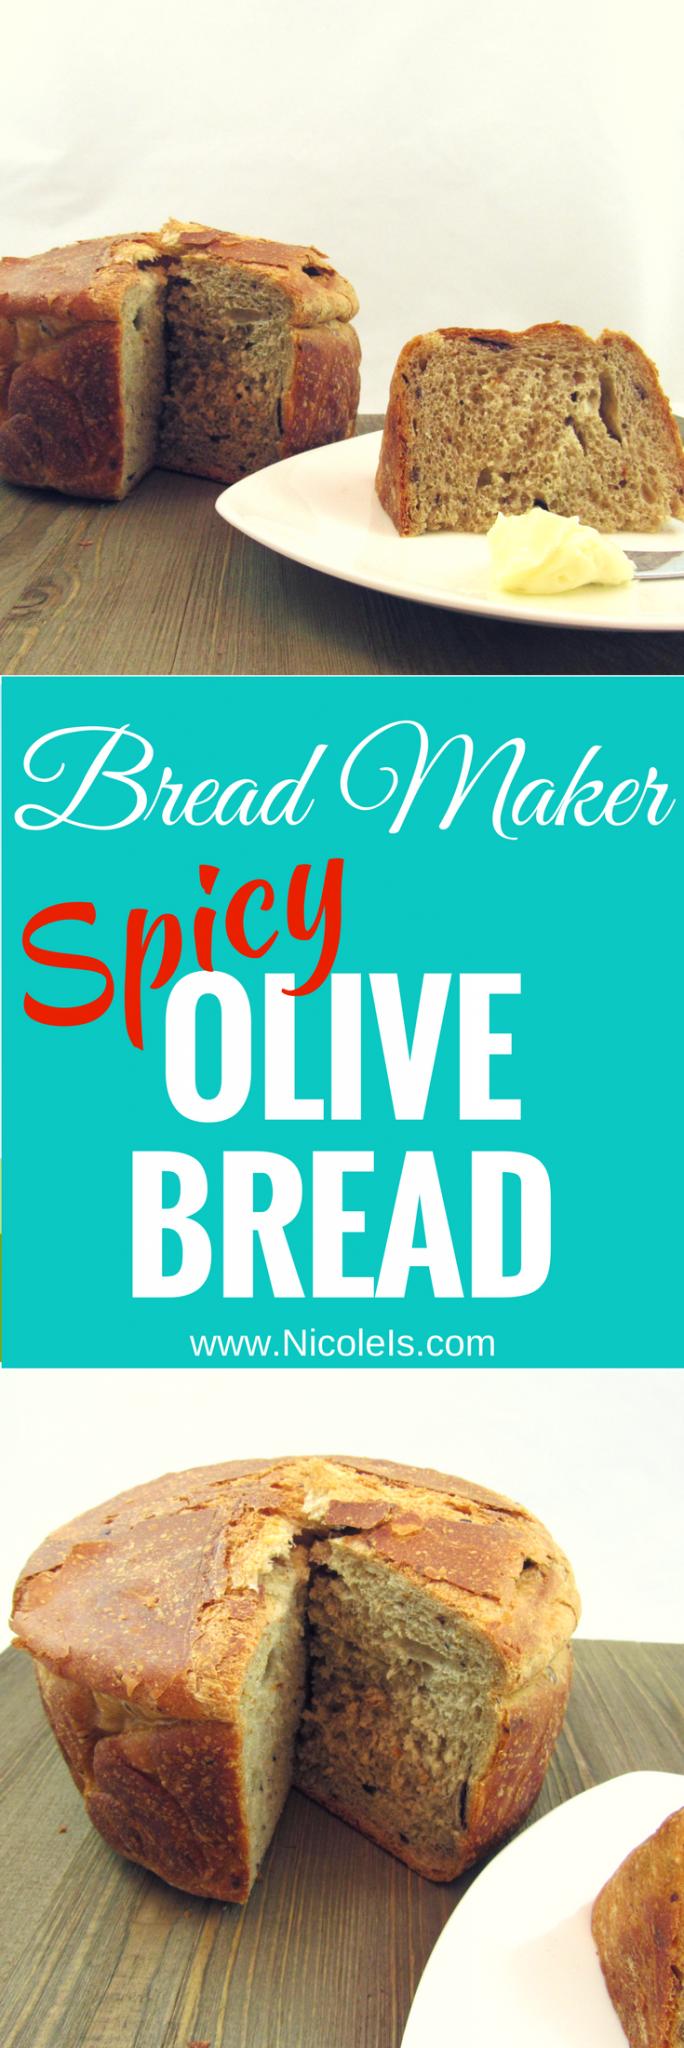 Bread Maker Spicy Olive Bread - super easy and delicious! www.NicoleIs.com   Bread Machine Recipes   Bread Maker Recipes   Bread Recipes   Baking Bread   Sandwich Bread   Sandwich Rolls   Lunch Recipes   Homemade Bread   Baking   No Knead Bread  